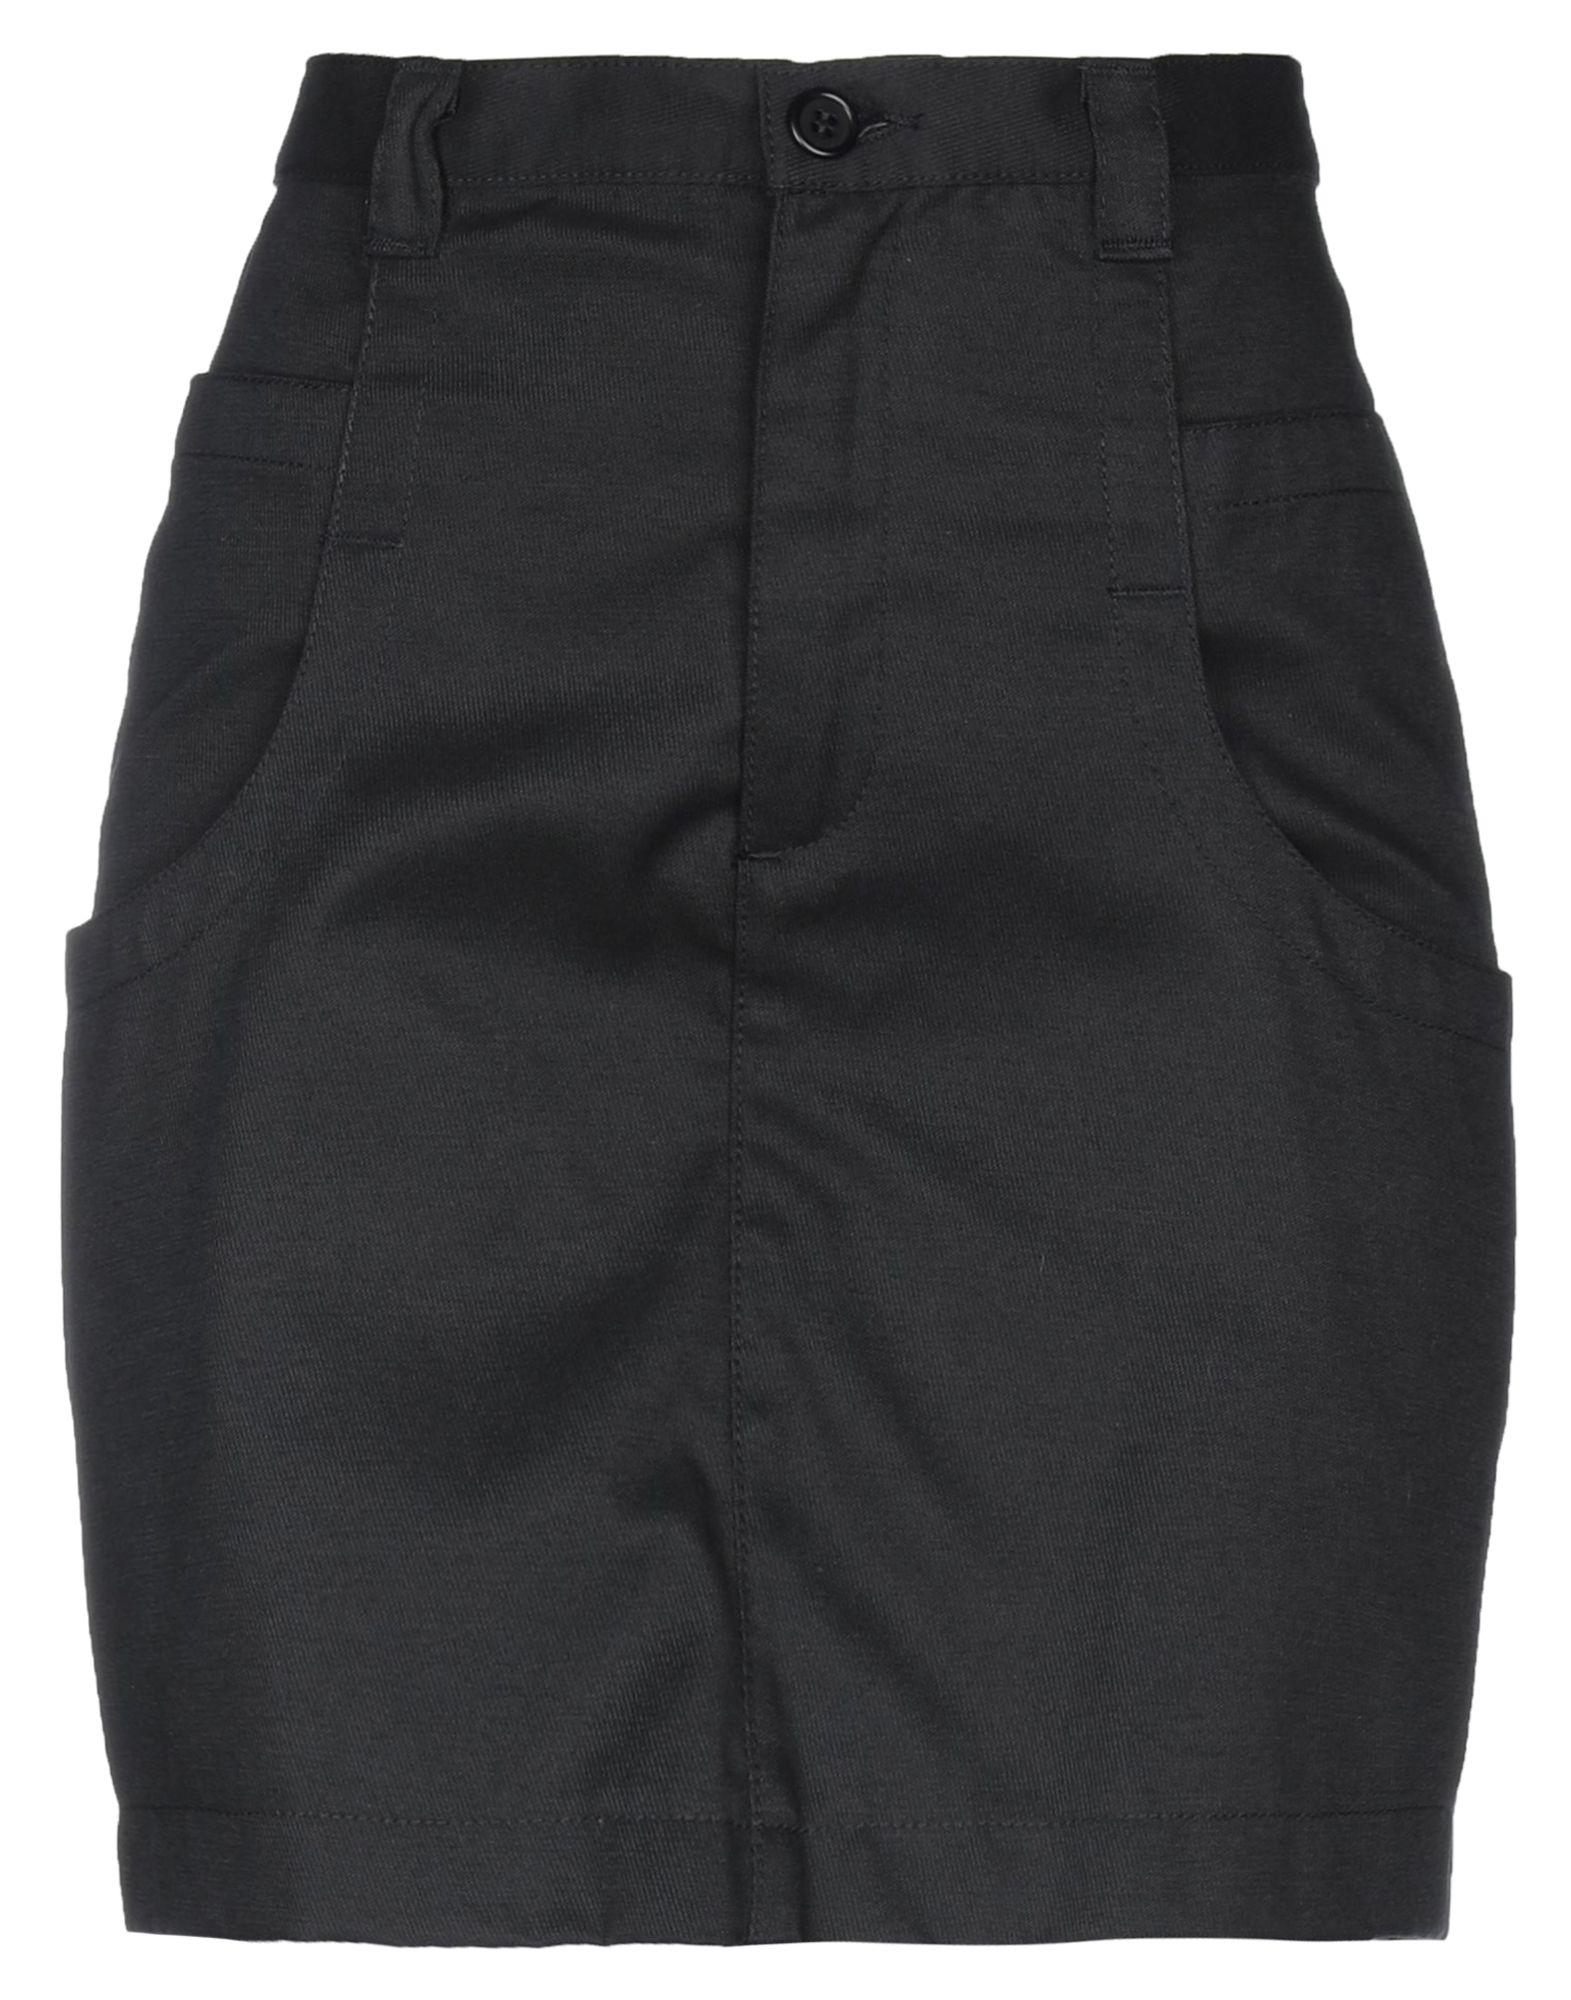 BIKKEMBERGS Мини-юбка юбка dirk bikkembergs юбка